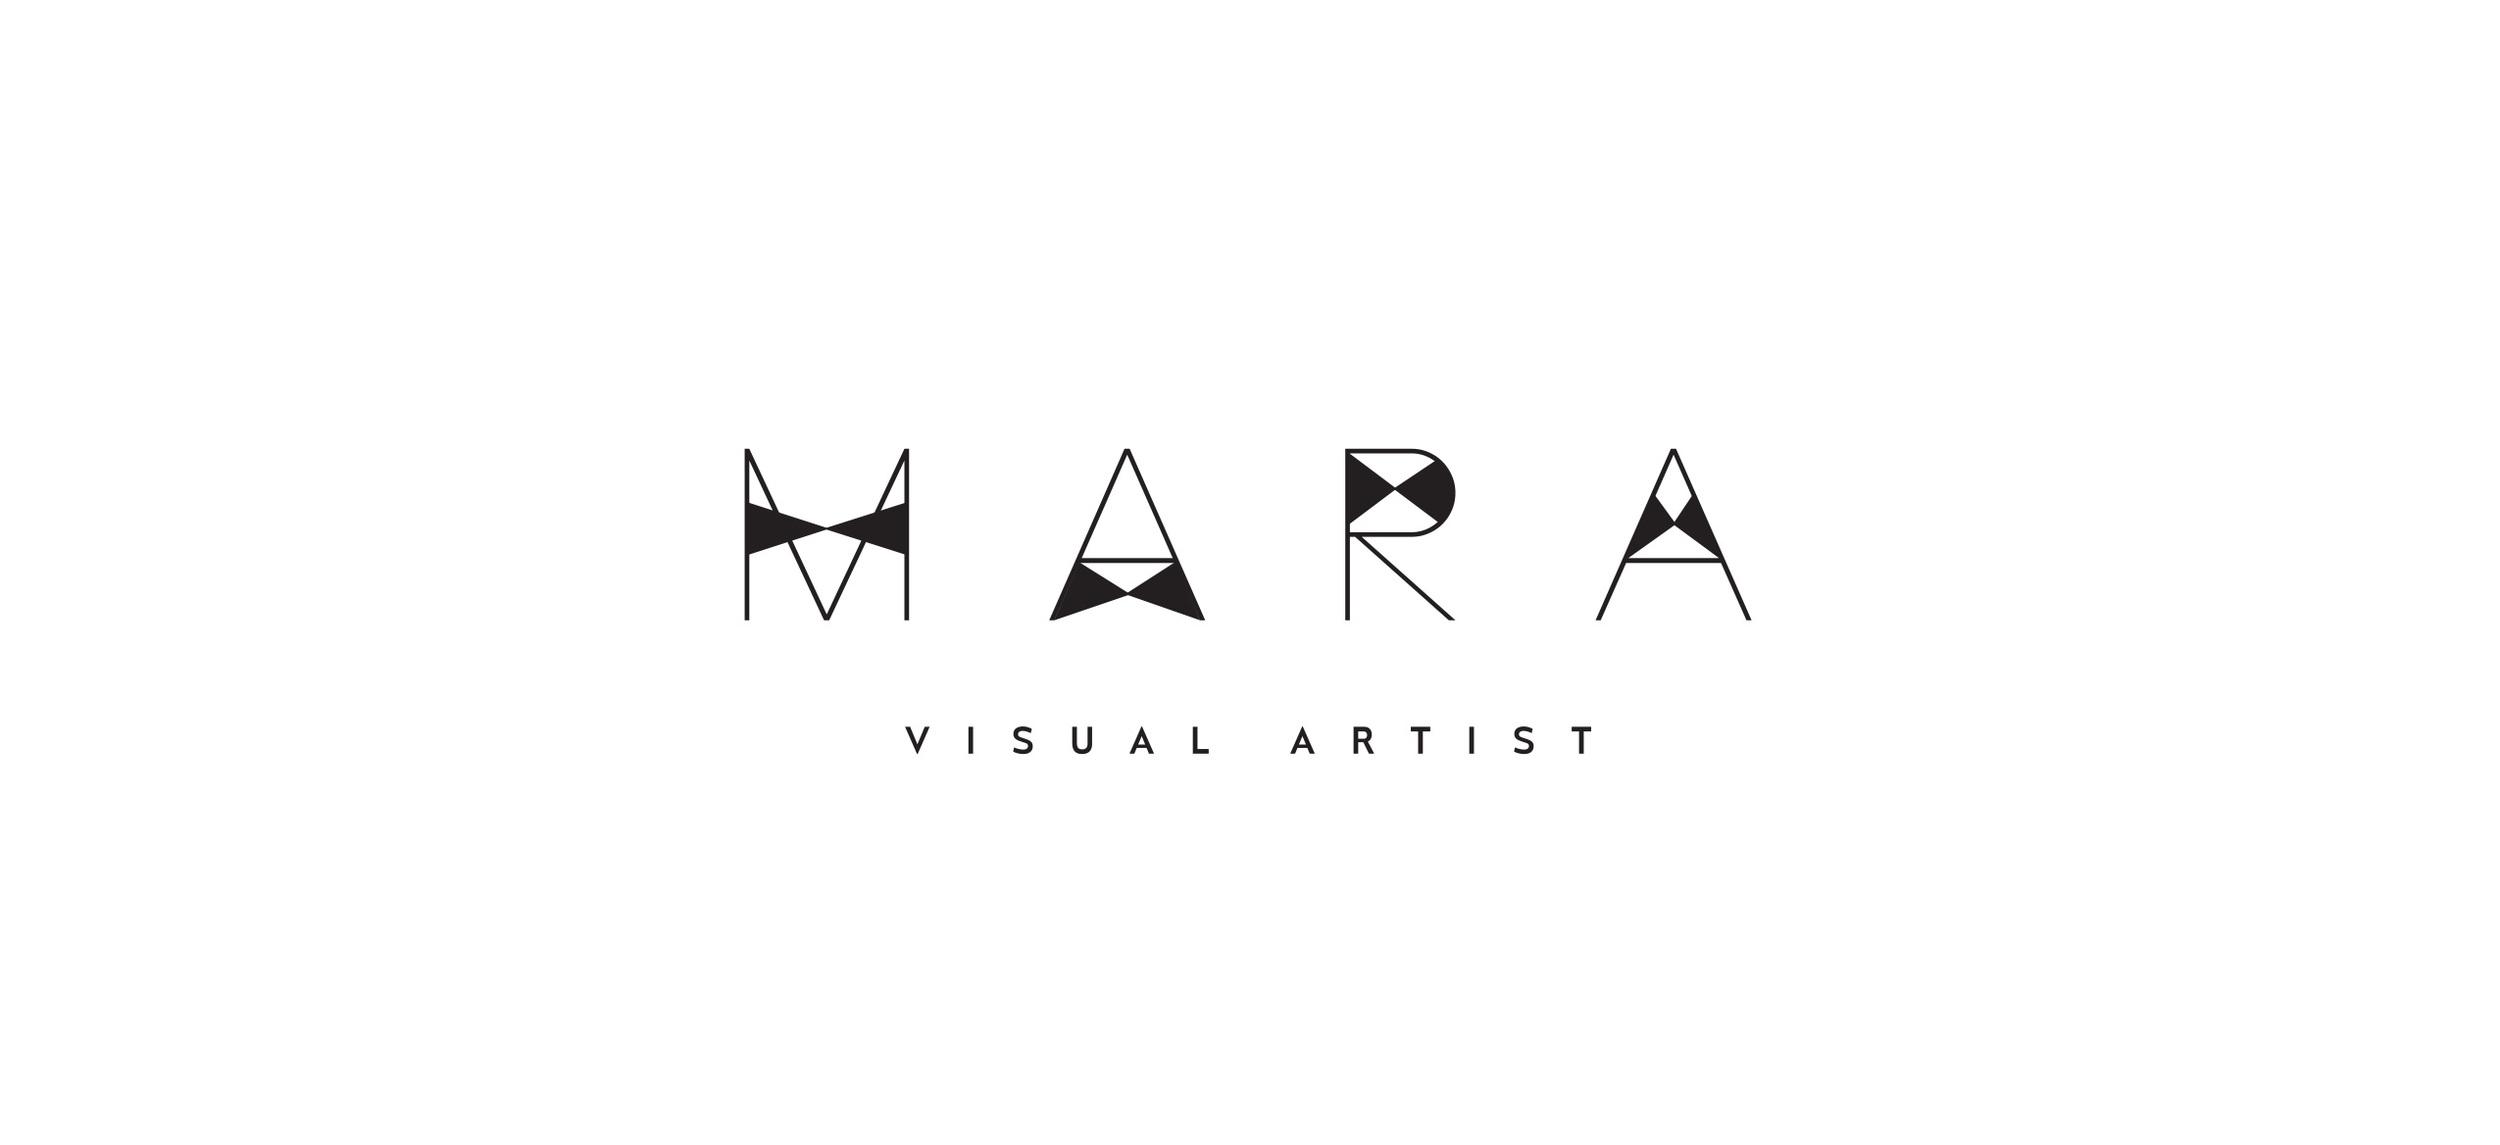 Mara-Harvey-Logo3-Allison-Henry.jpg